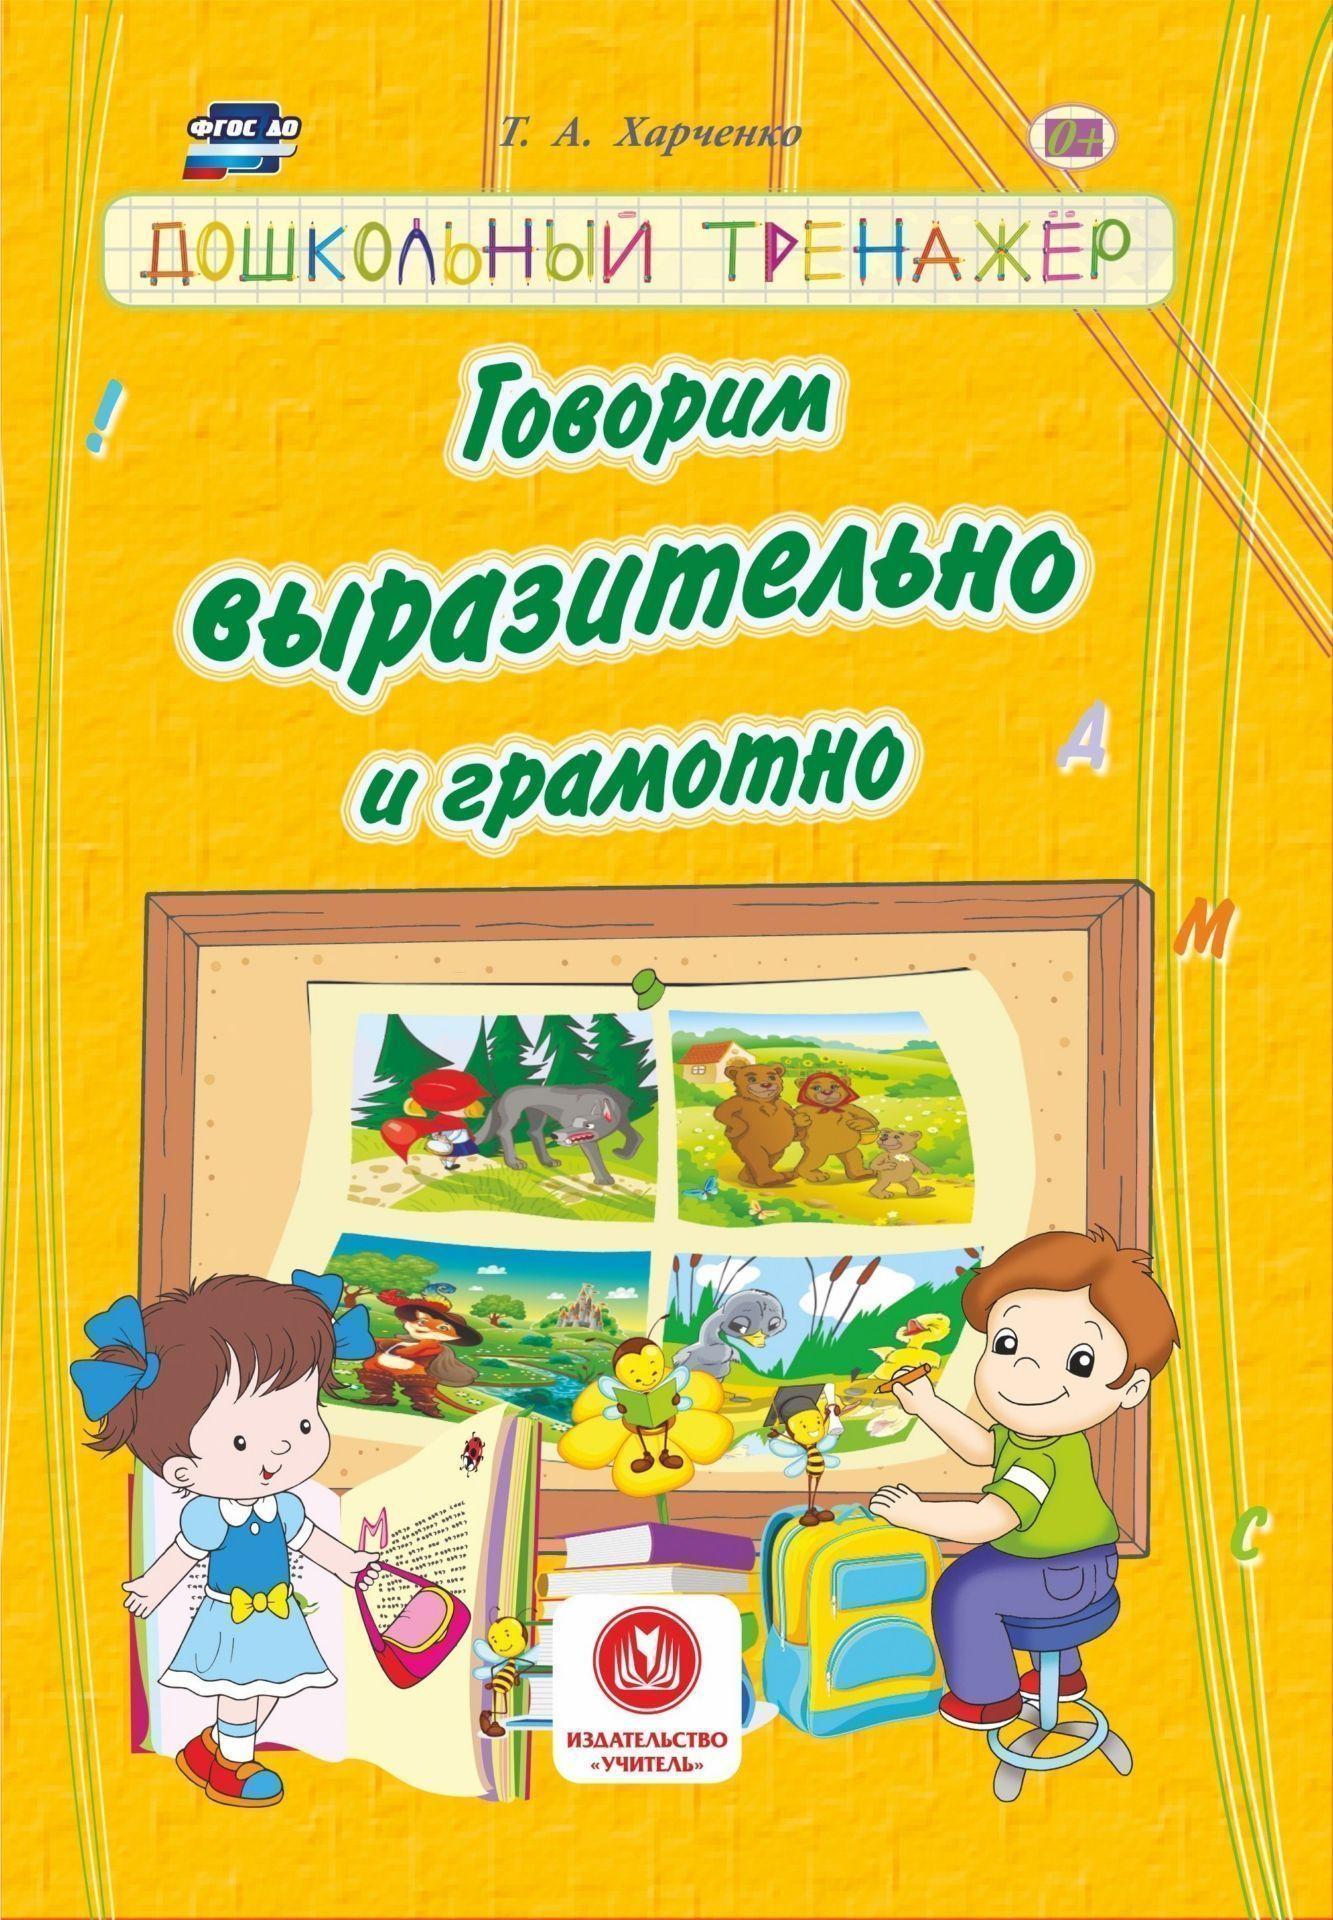 Говорим выразительно и грамотно. Дошкольный трежанер: сборник развивающих заданий для детей дошкольного возраста